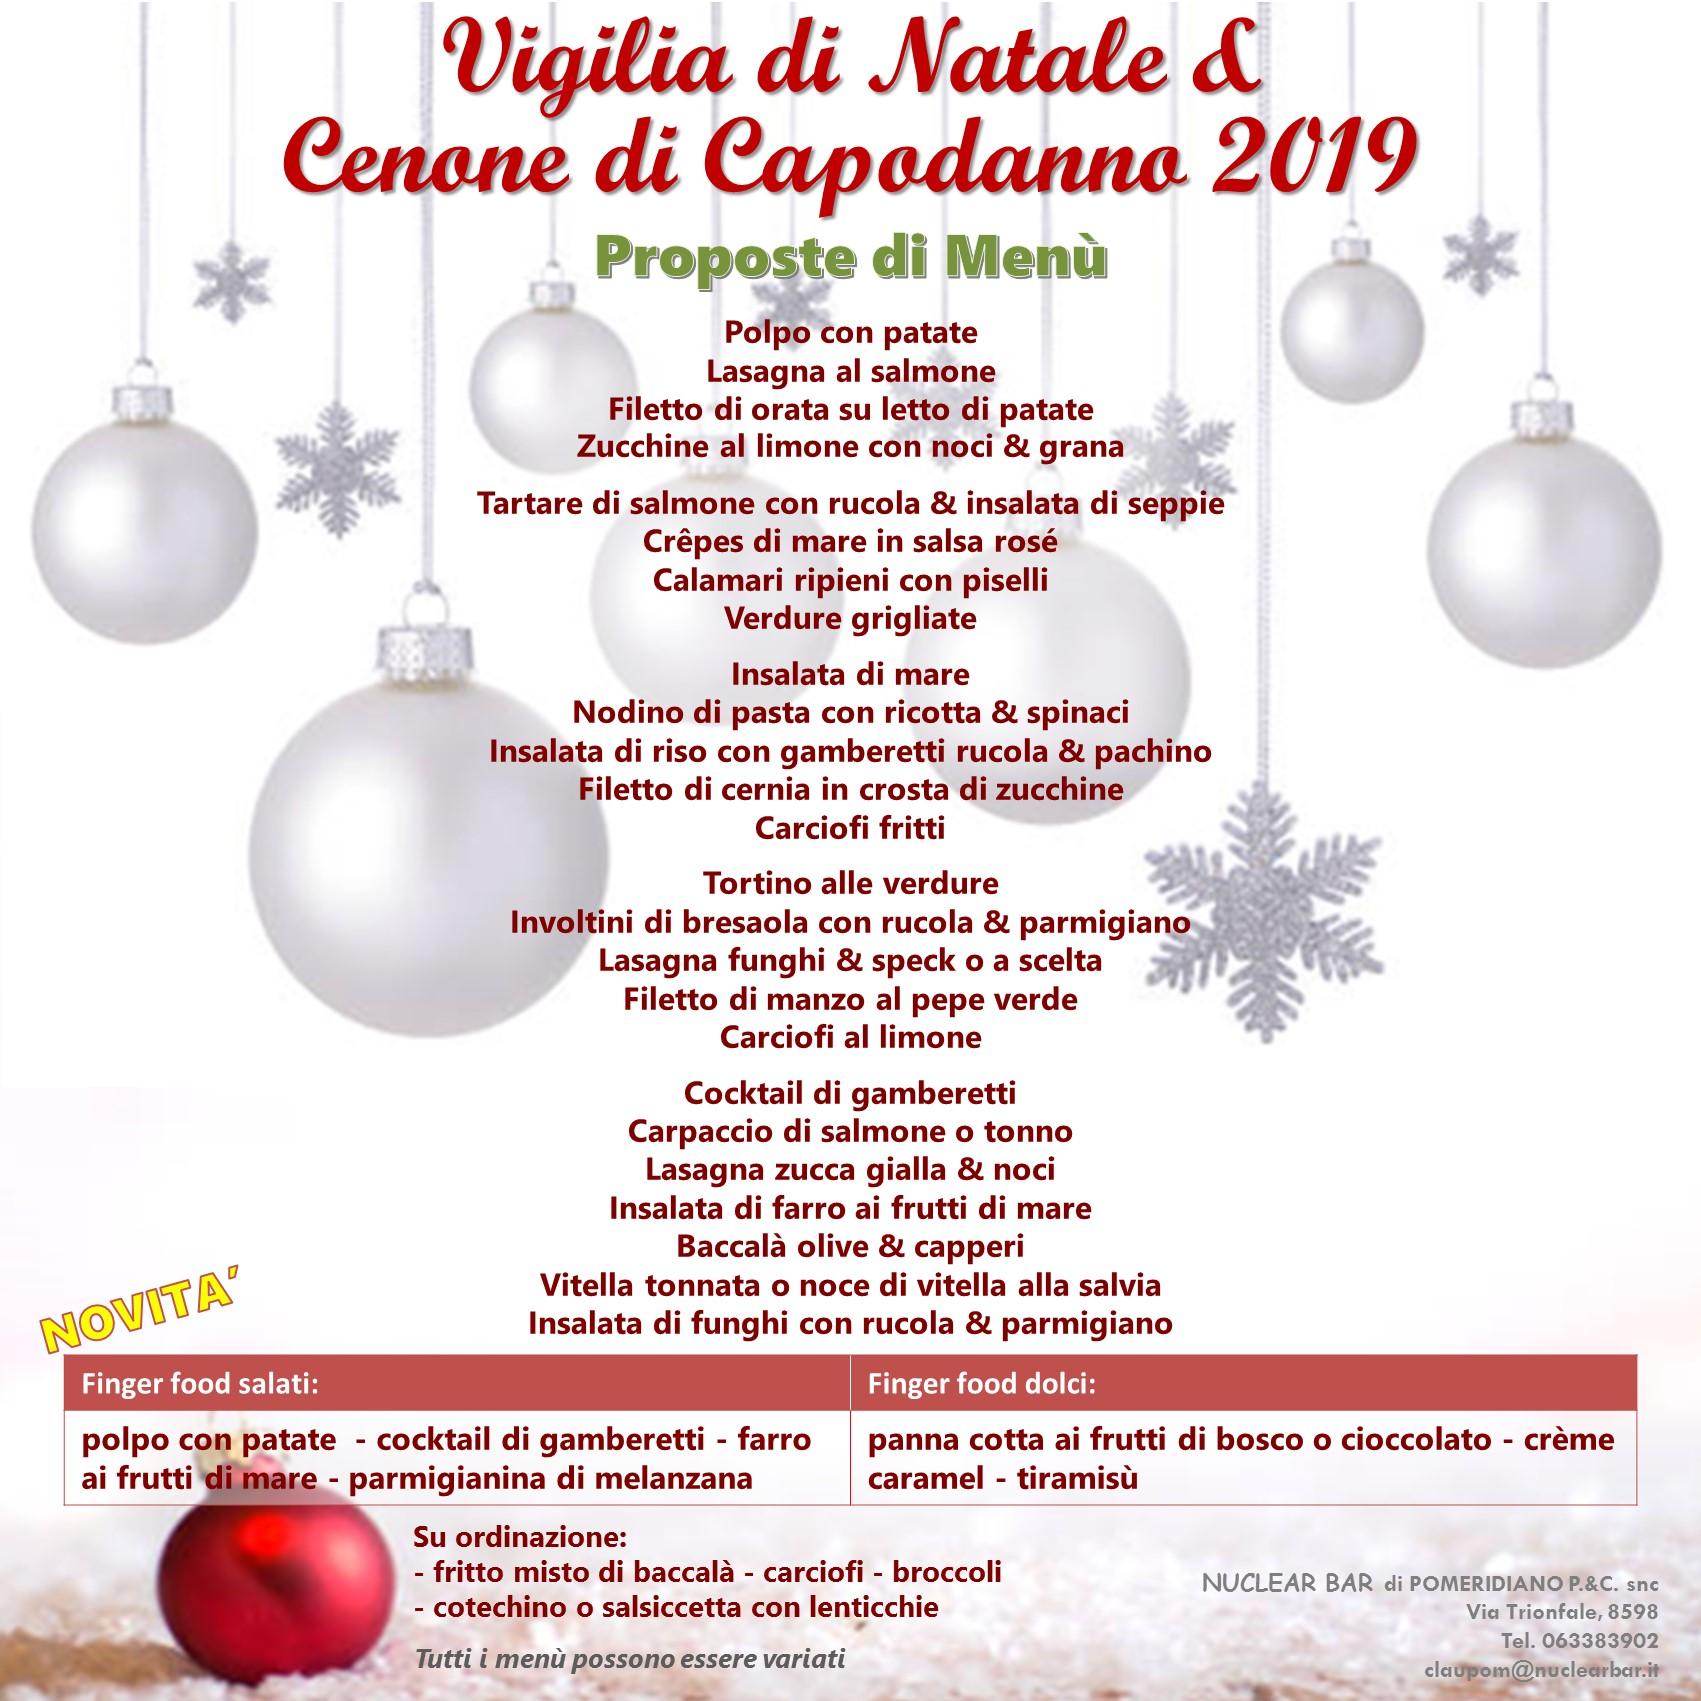 Menu Vigilia Di Natale 2019.Menu Per La Vigilia Di Natale E Capodanno Nuclear Bar